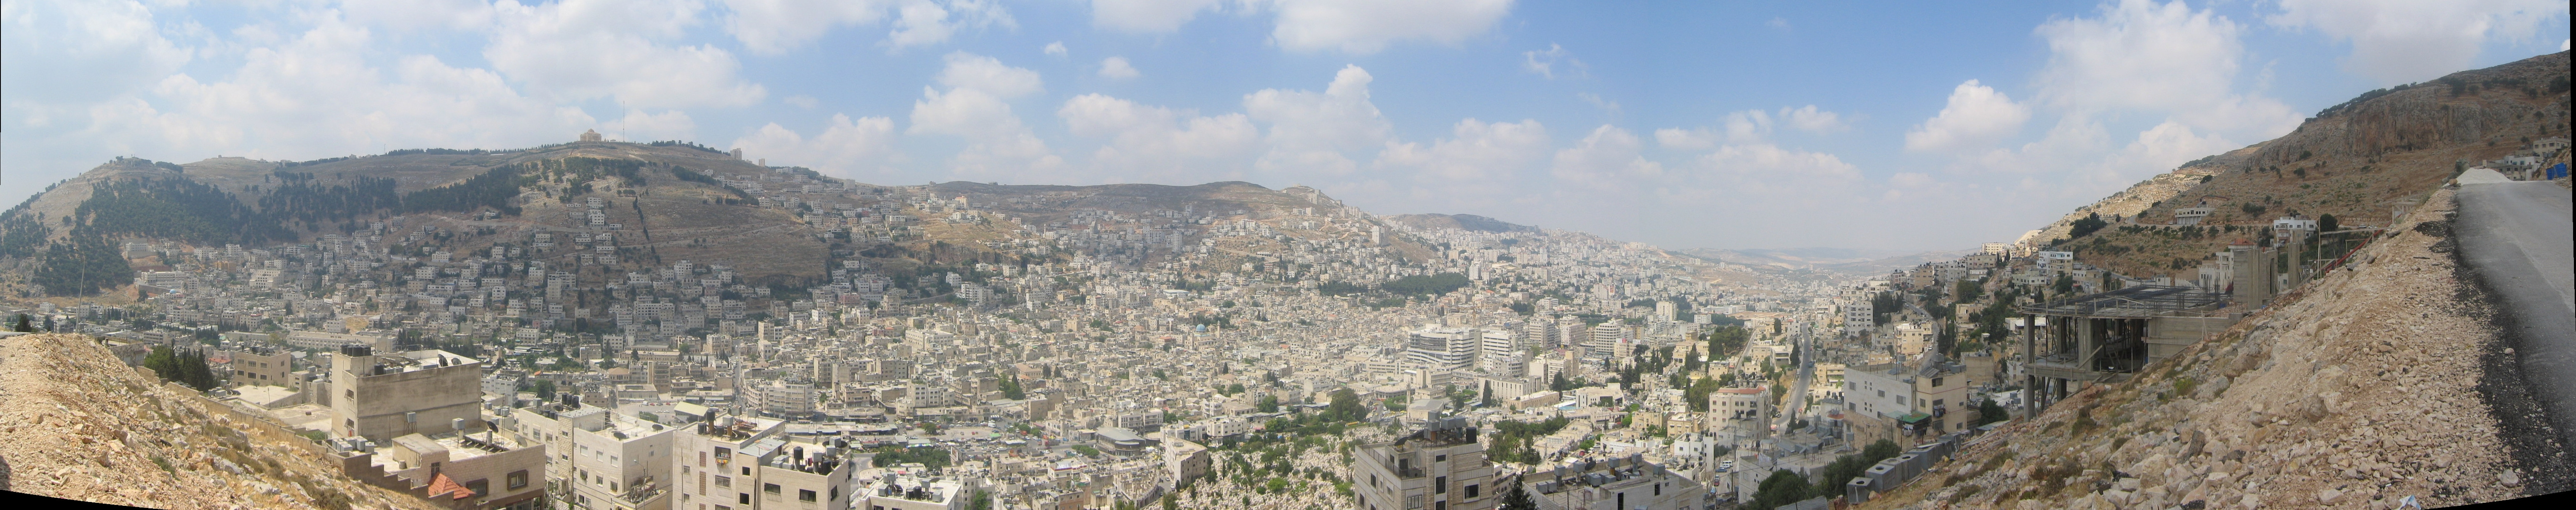 https://upload.wikimedia.org/wikipedia/commons/6/66/NablusPanorama2.jpg